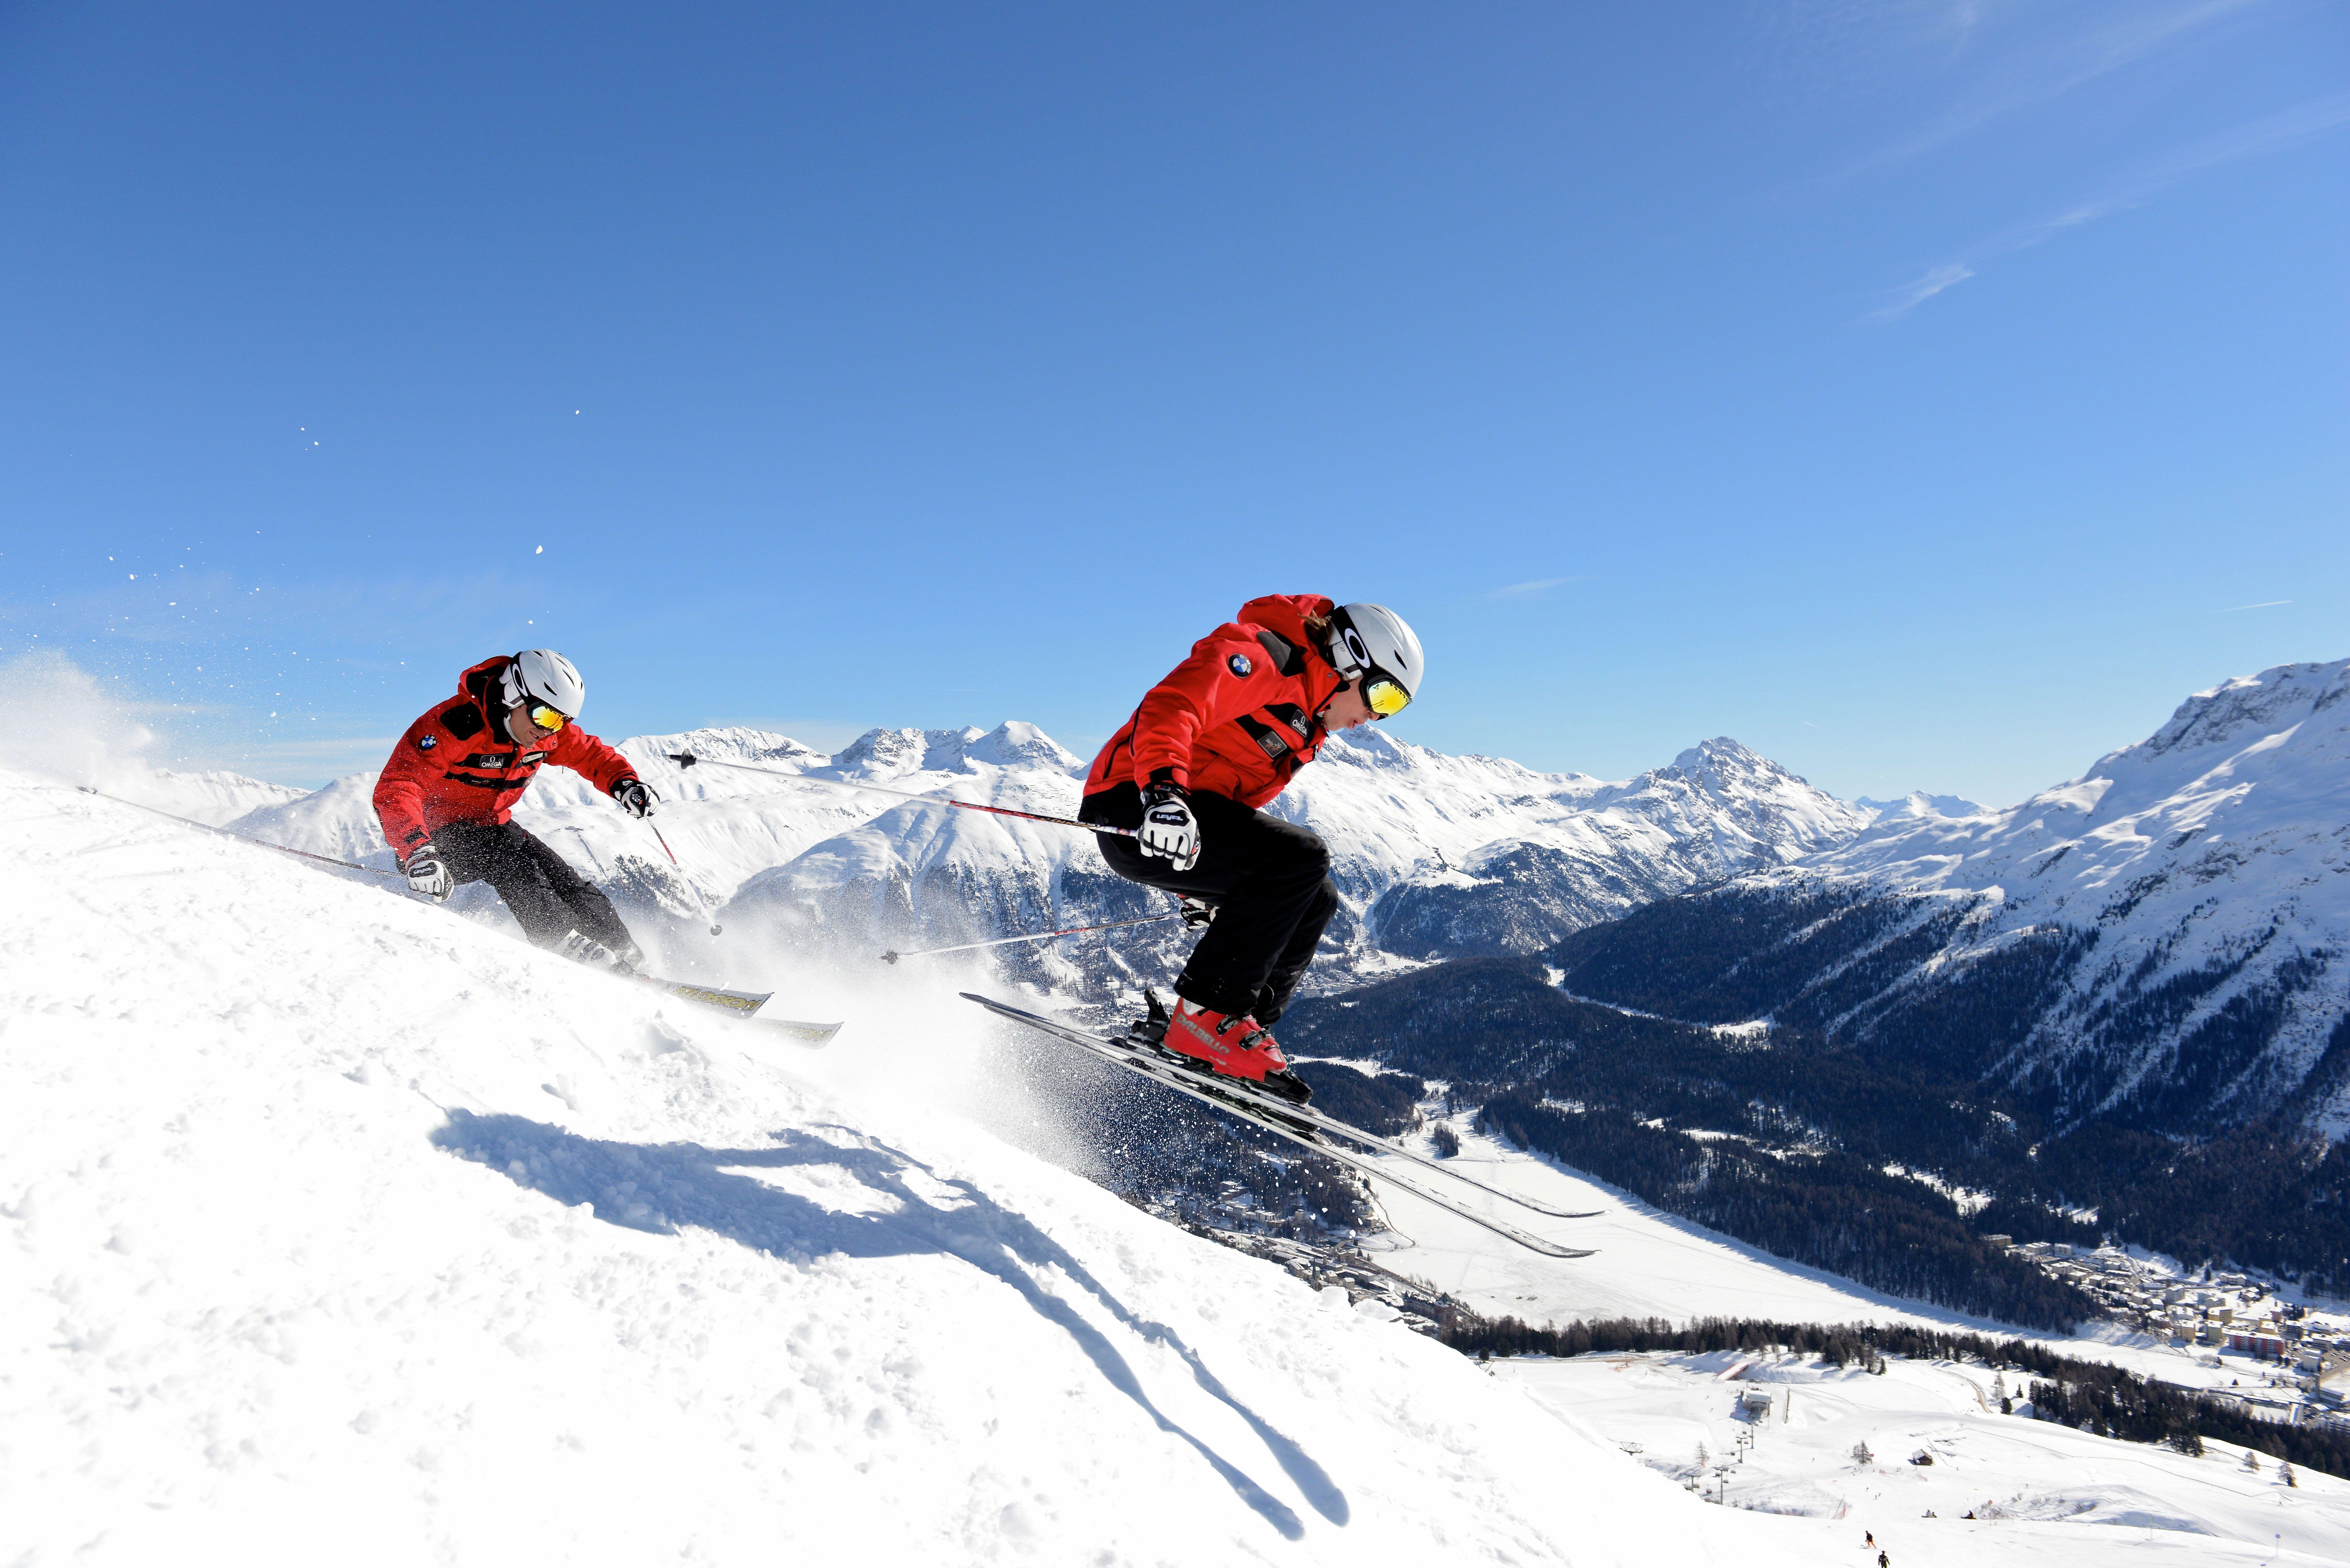 Schweizer Skischule St. Moritz Slide 7